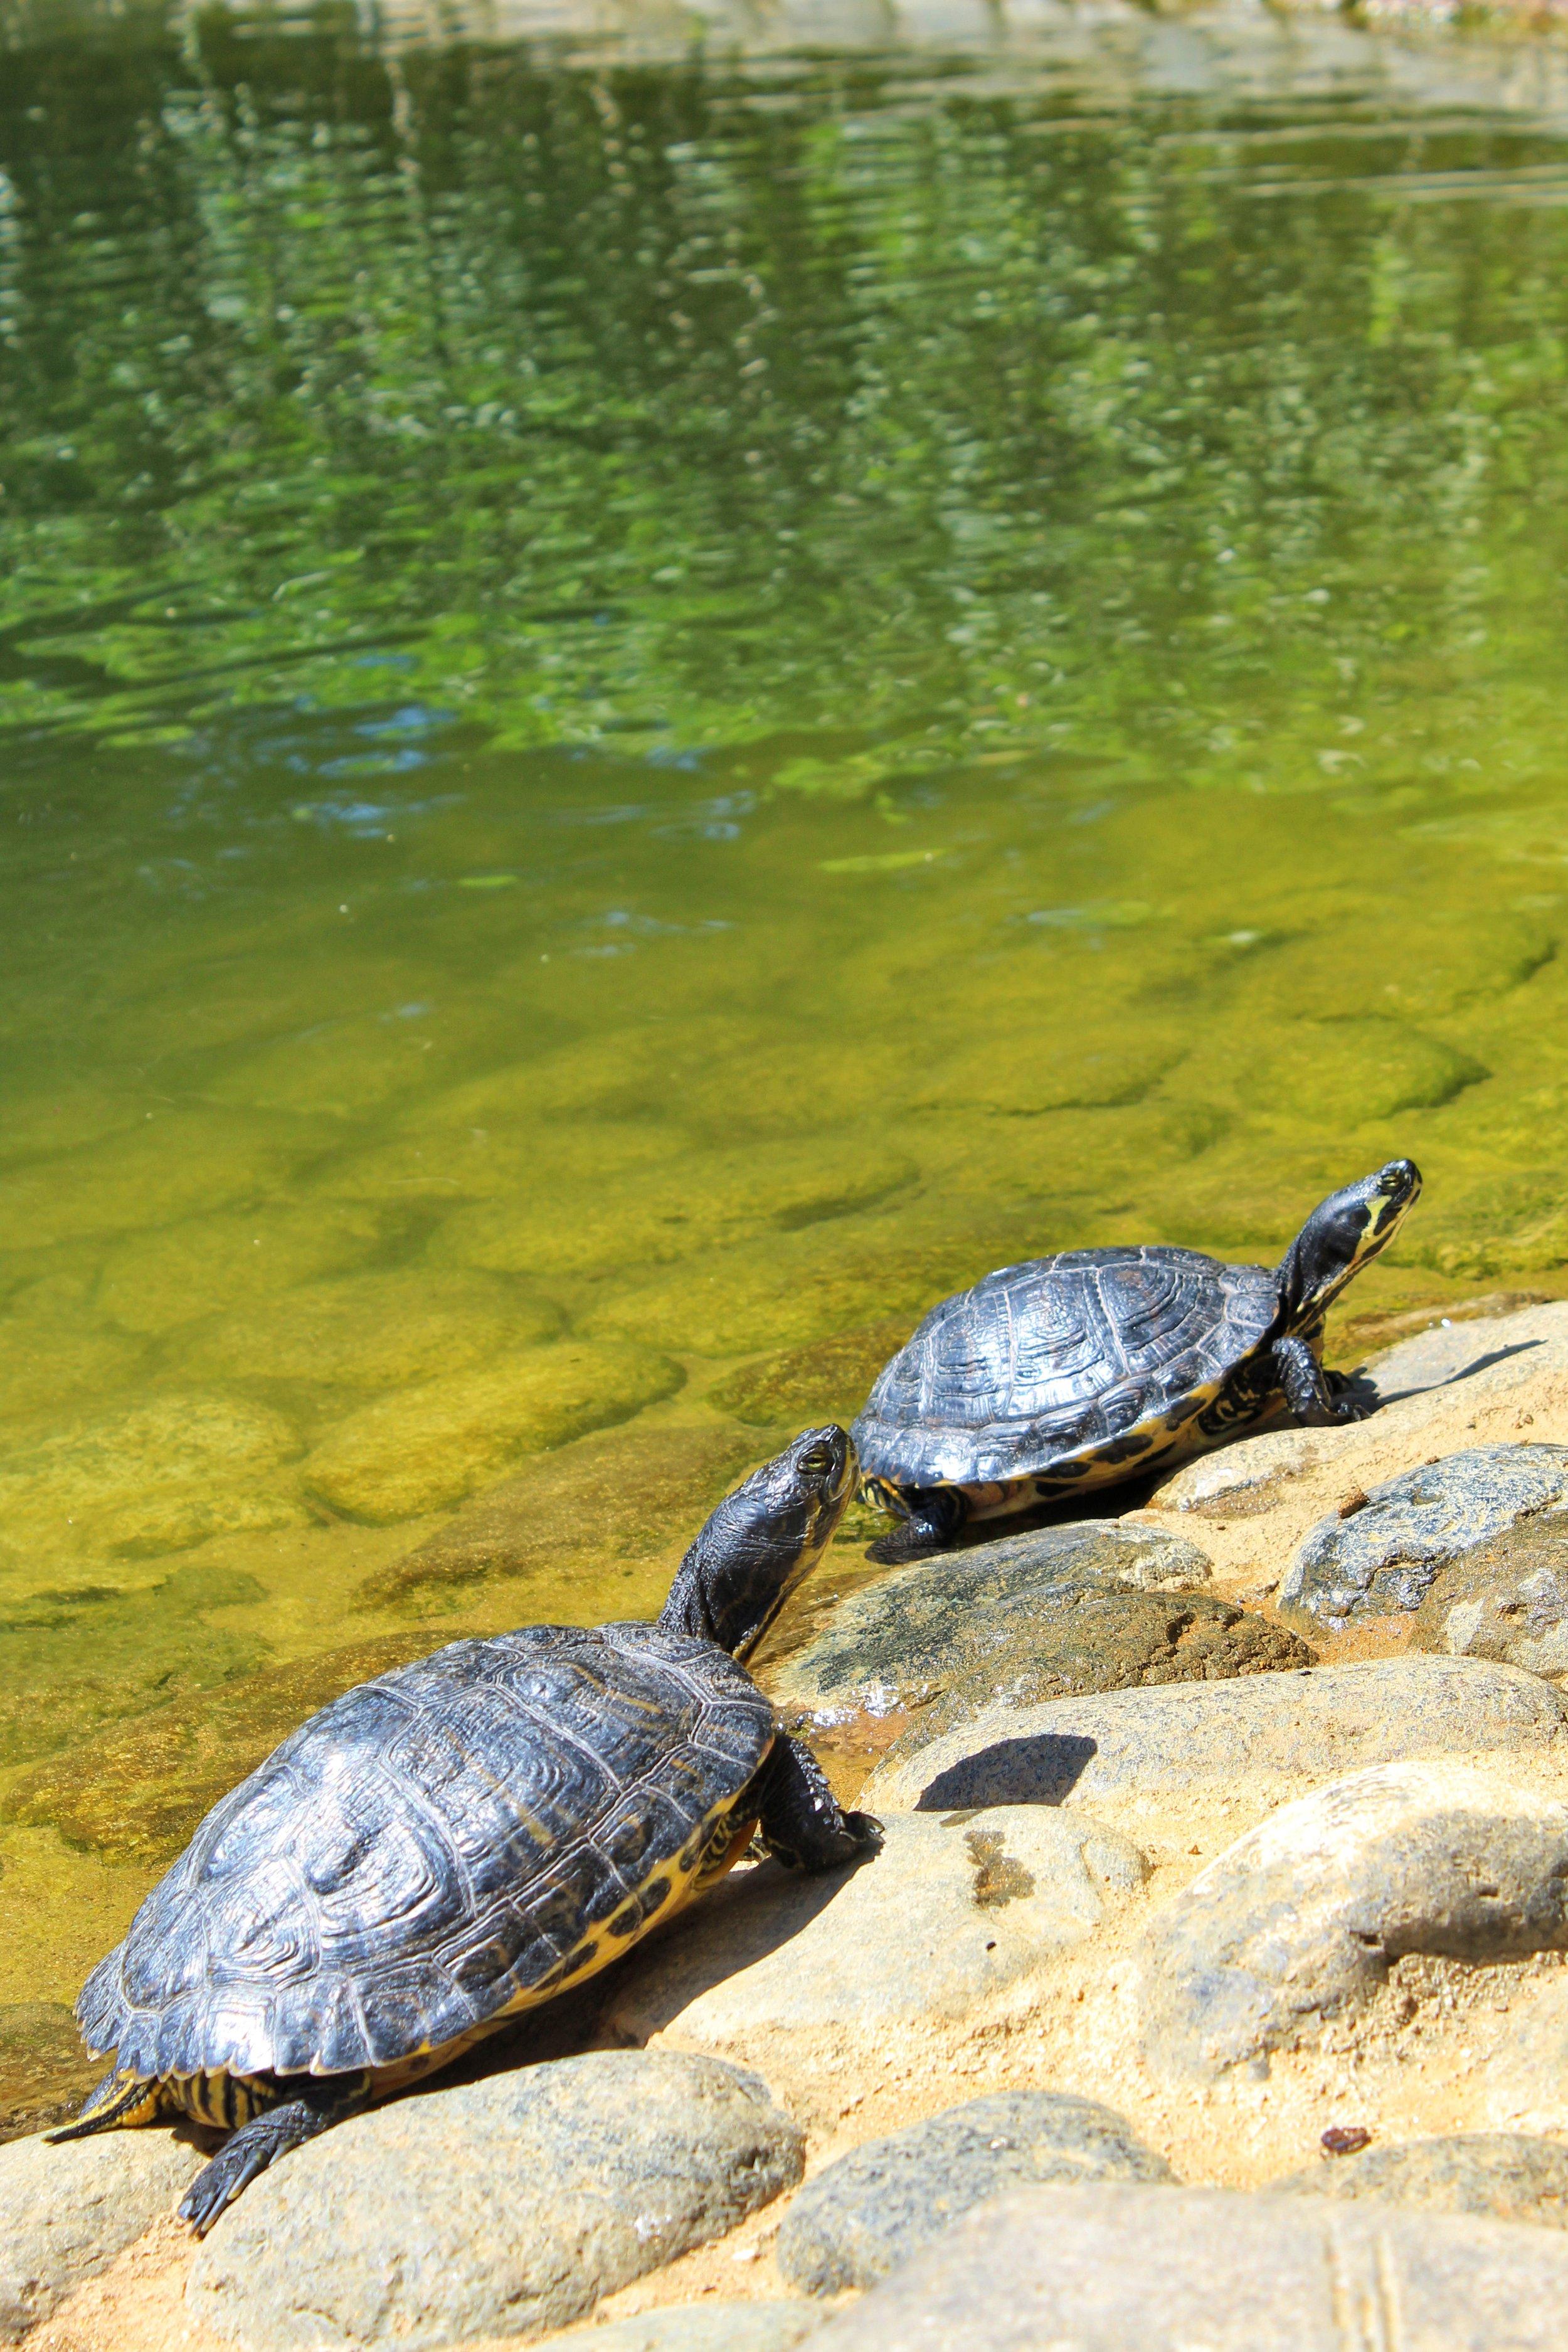 Represa Park in Marbella. These fellas are everywhere!